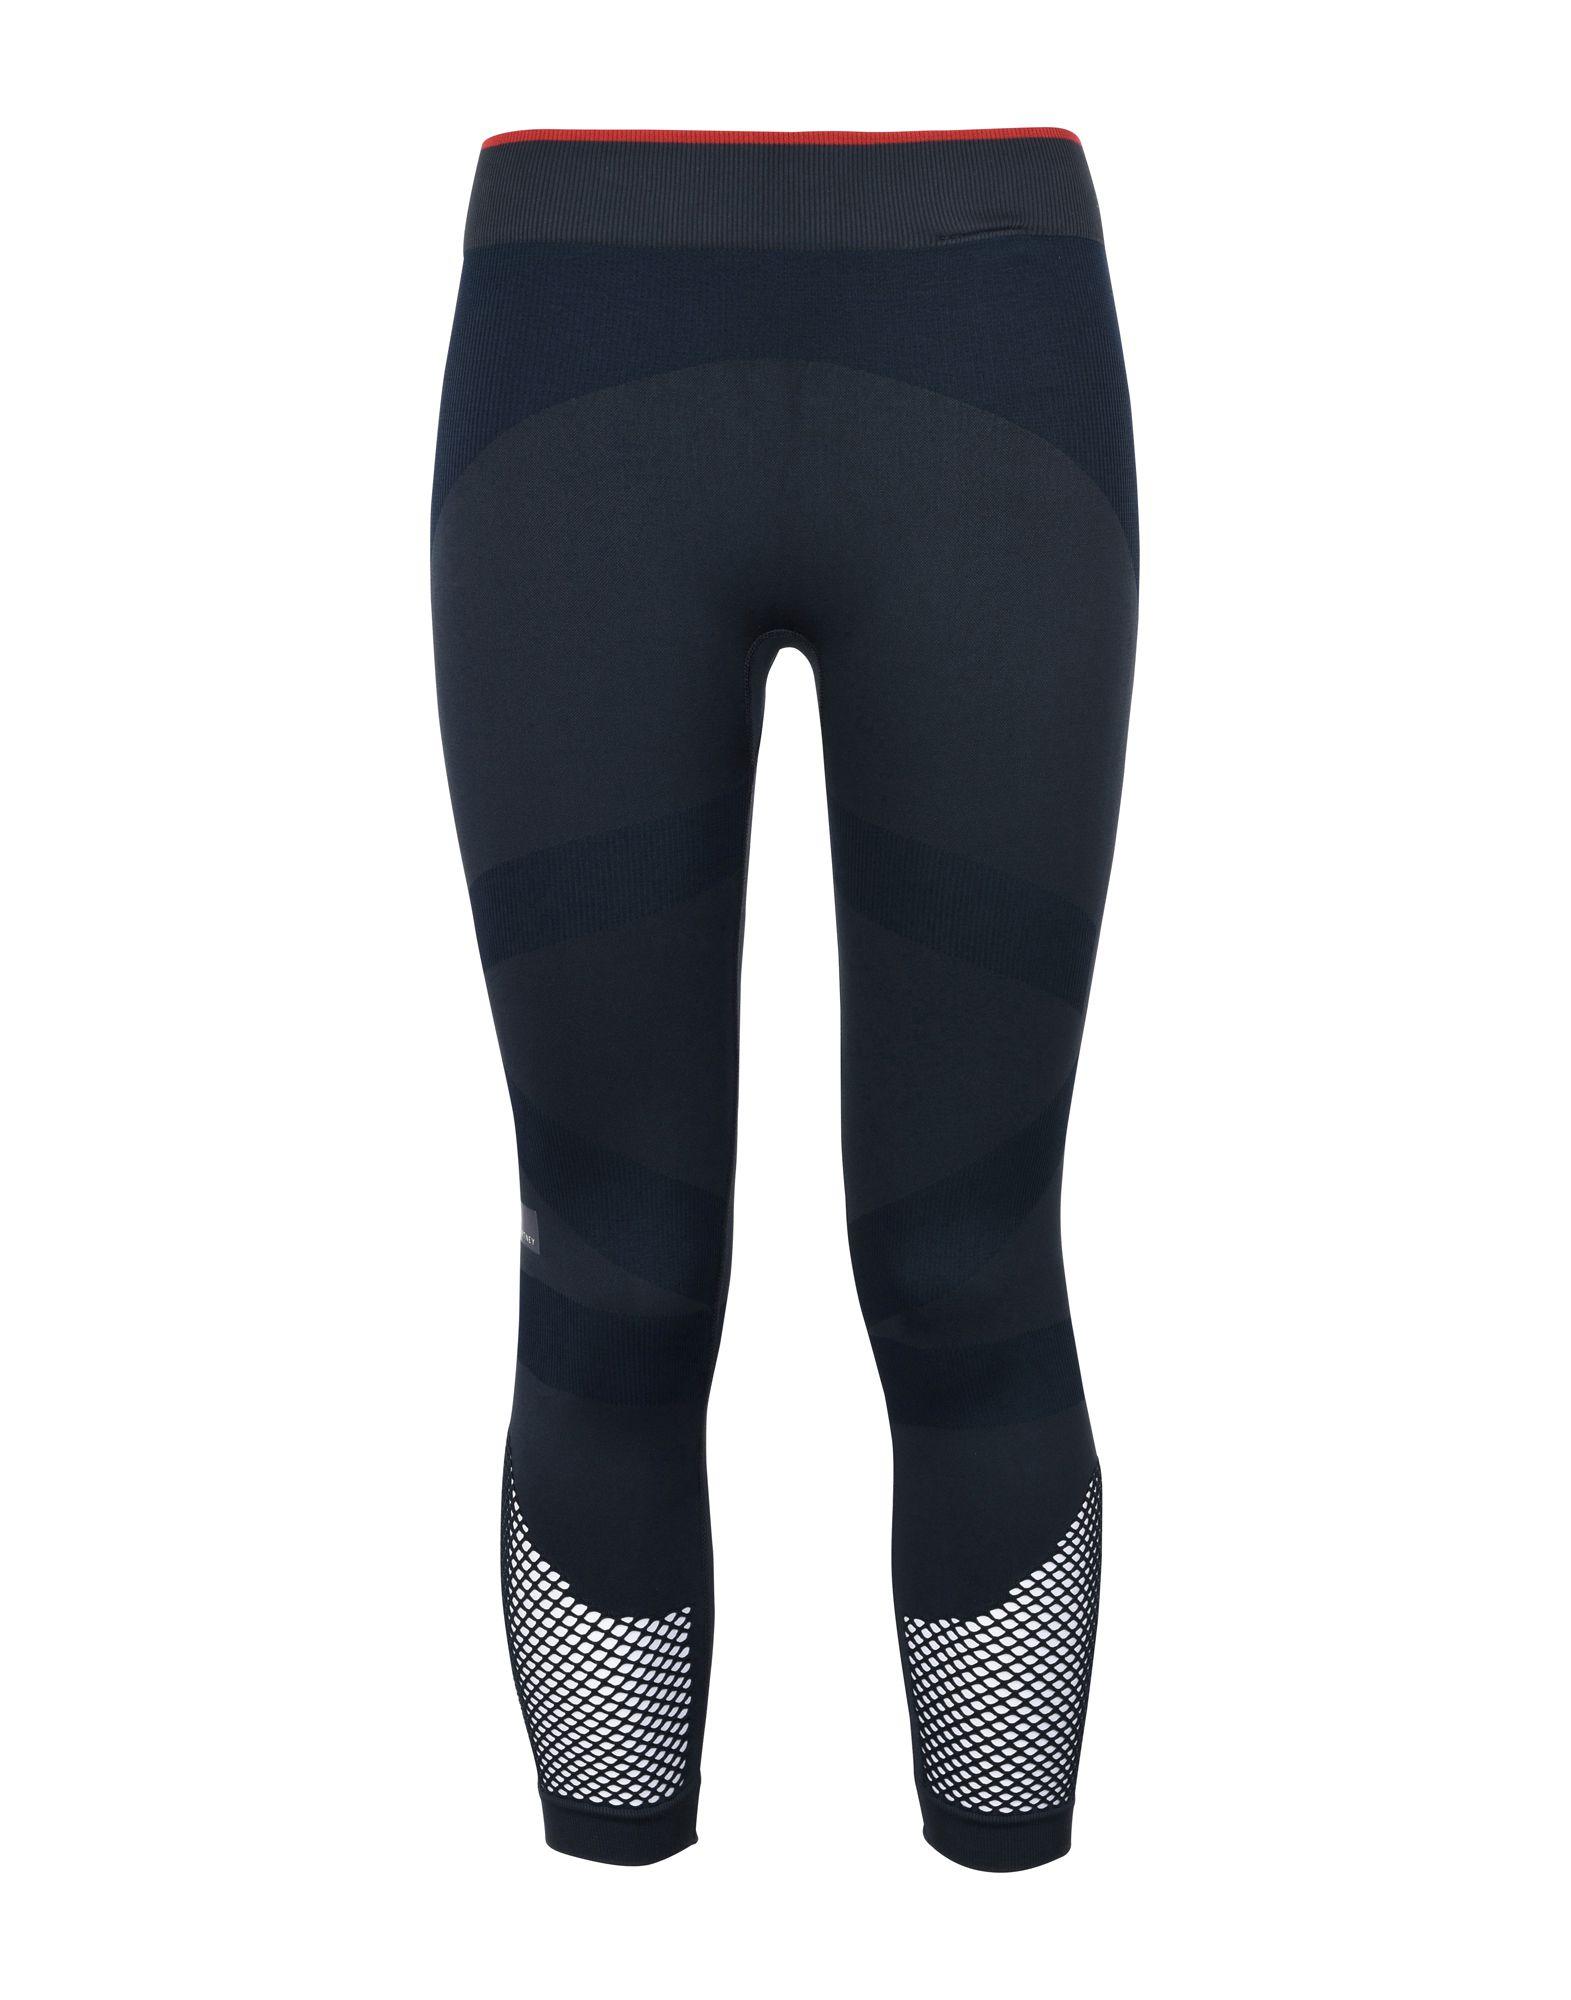 c0d7cdf1ada Adidas By Stella Mccartney Training Seamless 3/4 Tight - Leggings ...